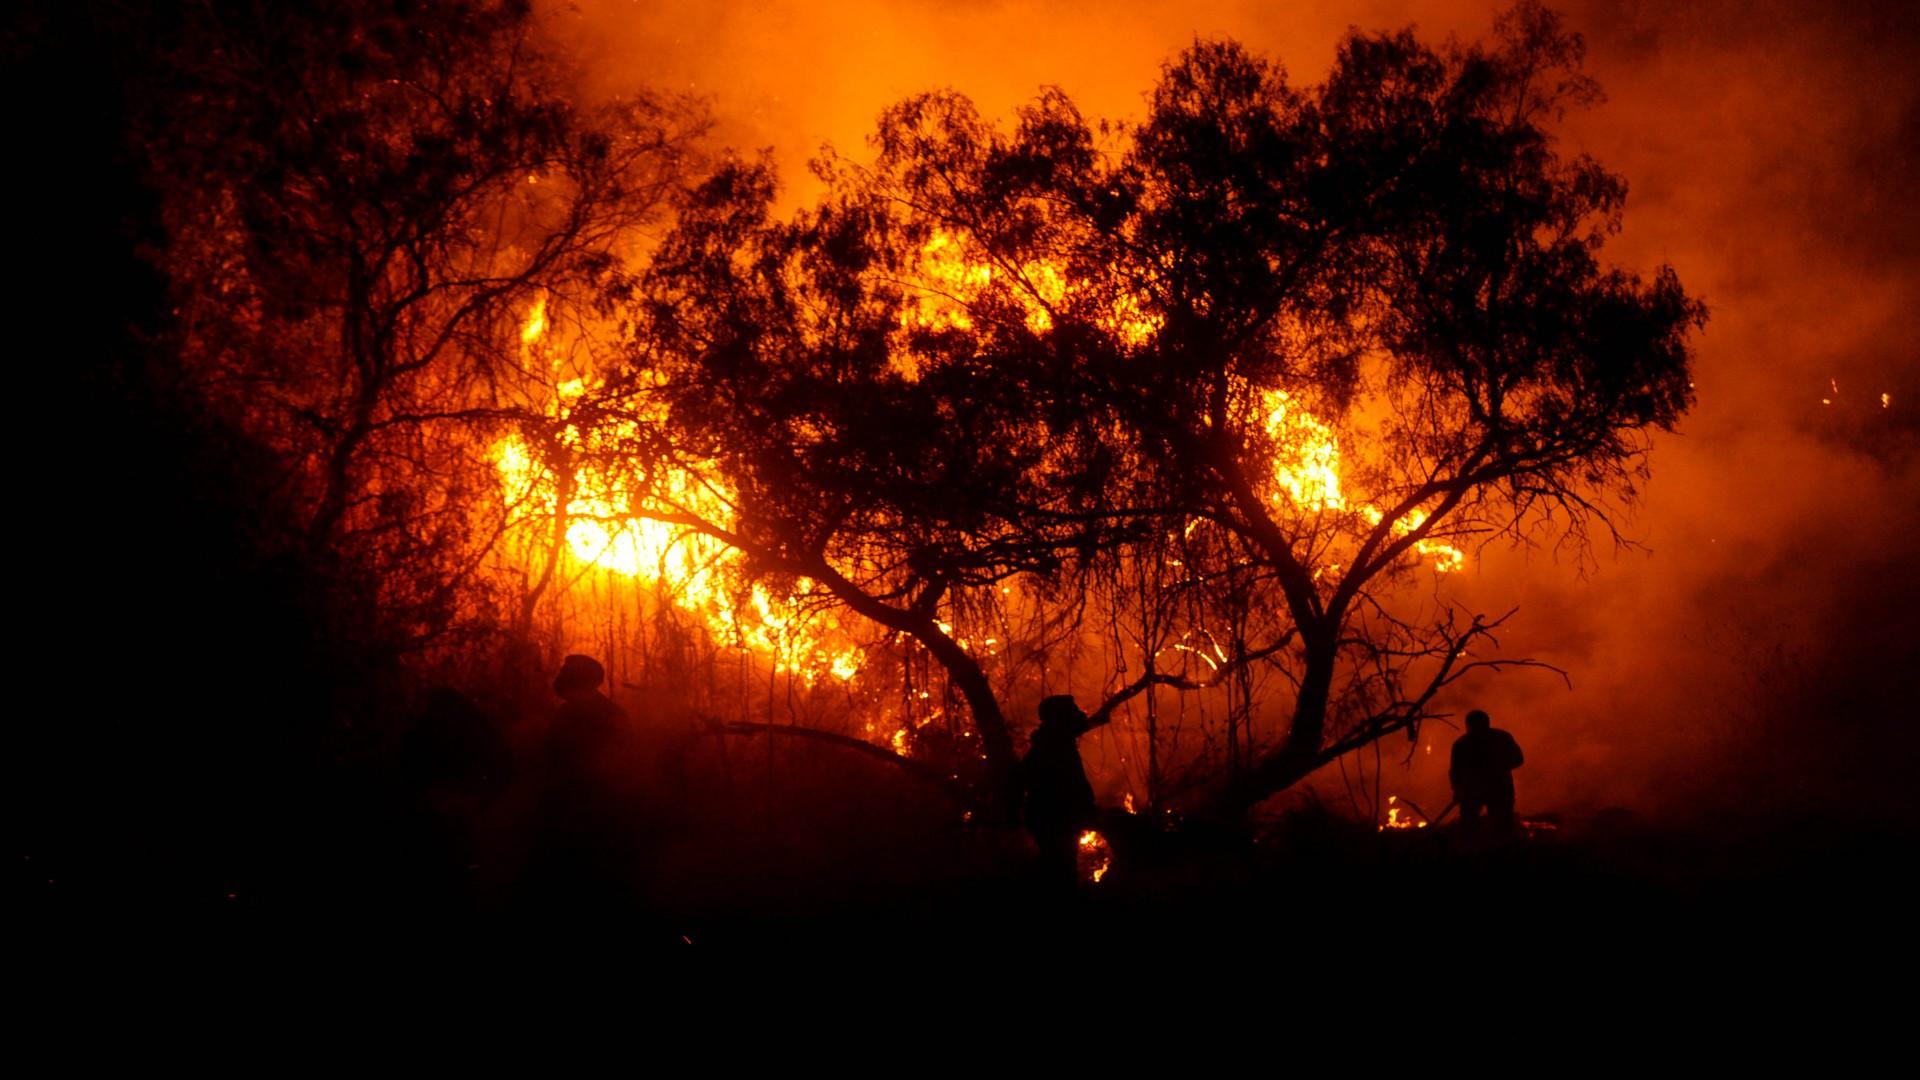 Se espera que mayo sea un mes crítico durante esta temporada de incendios (Foto: Cuartoscuro)